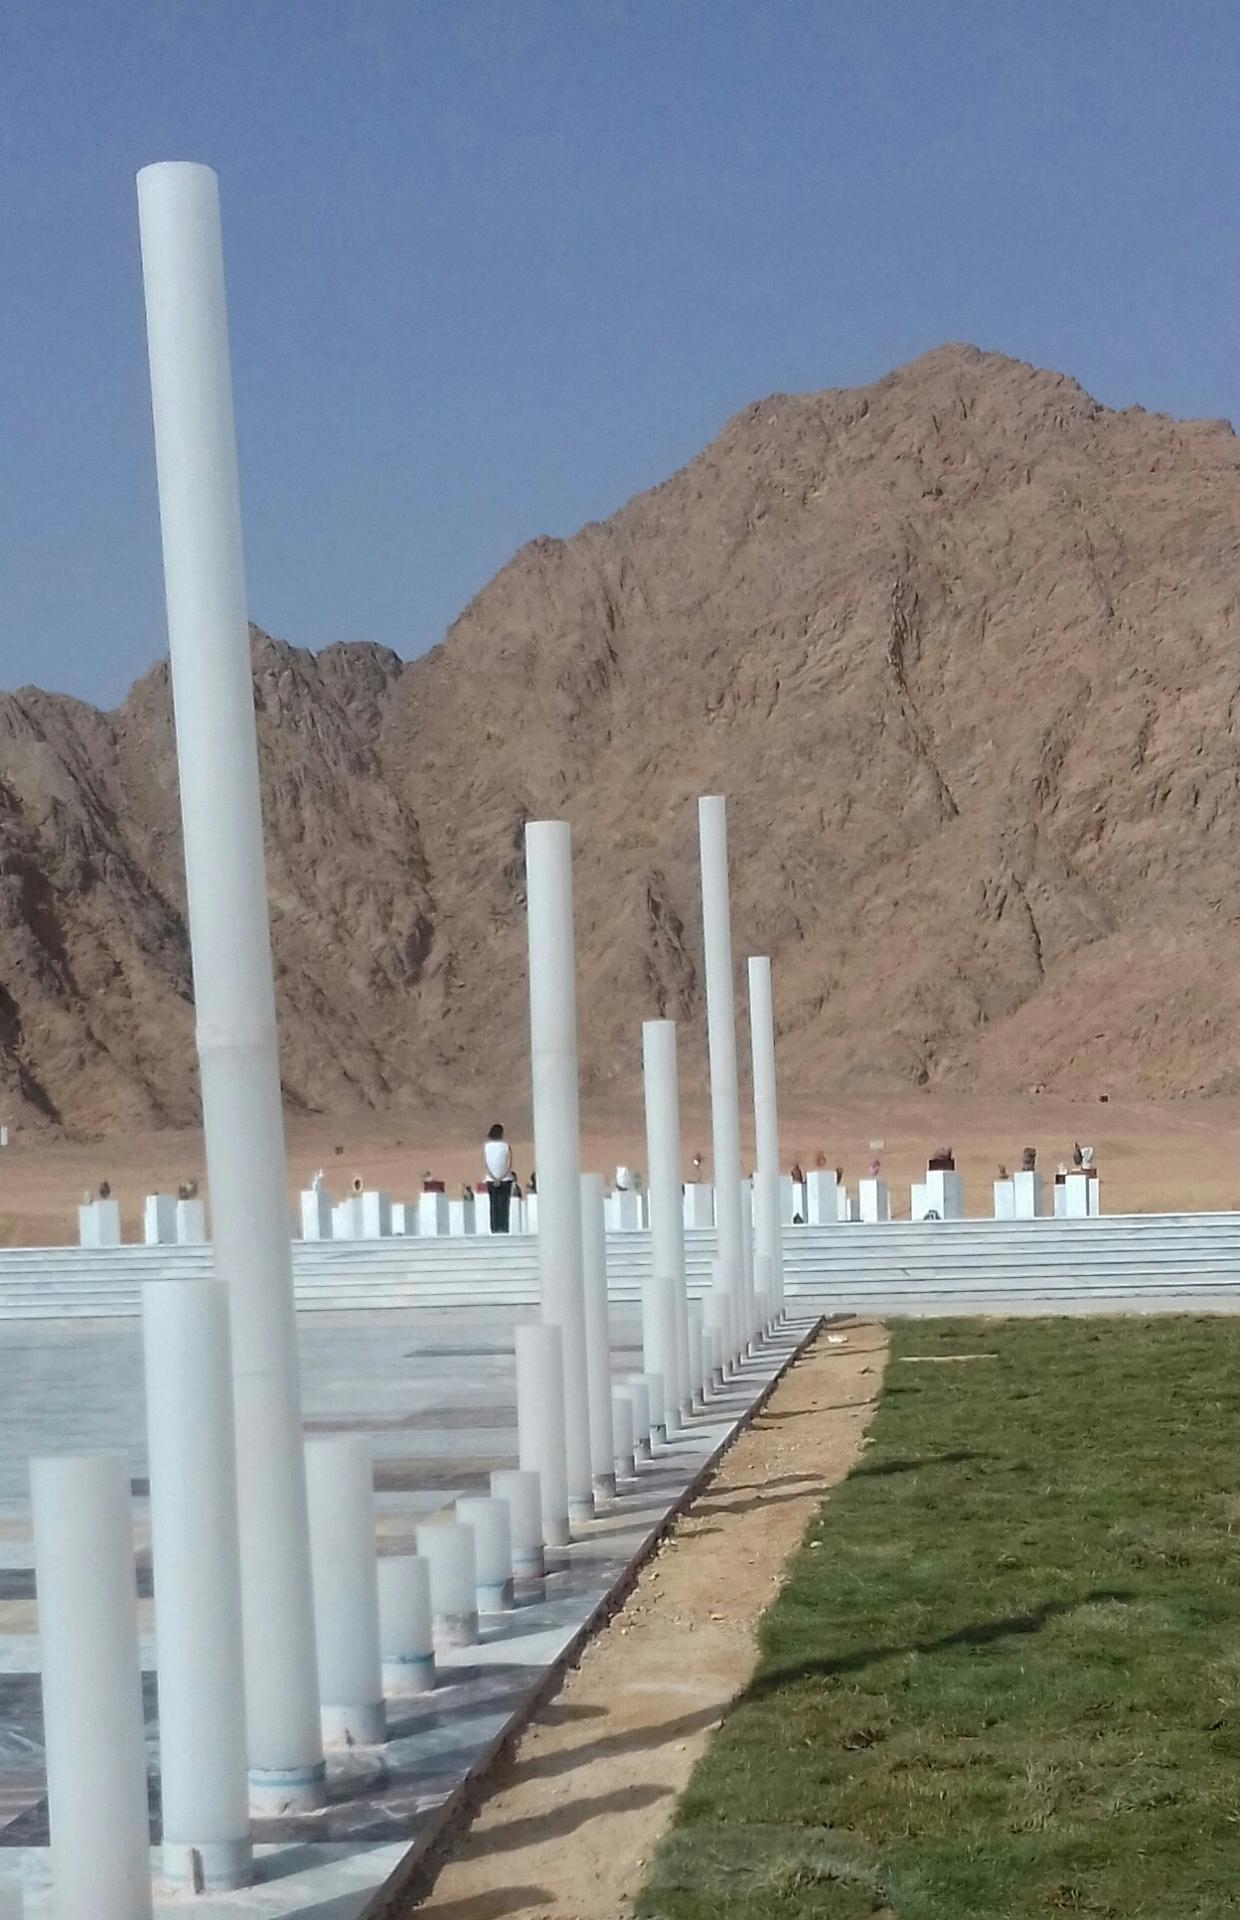 les colonnes dont les hauteurs indiquent le nombre de morts dans chaque pays en guerre